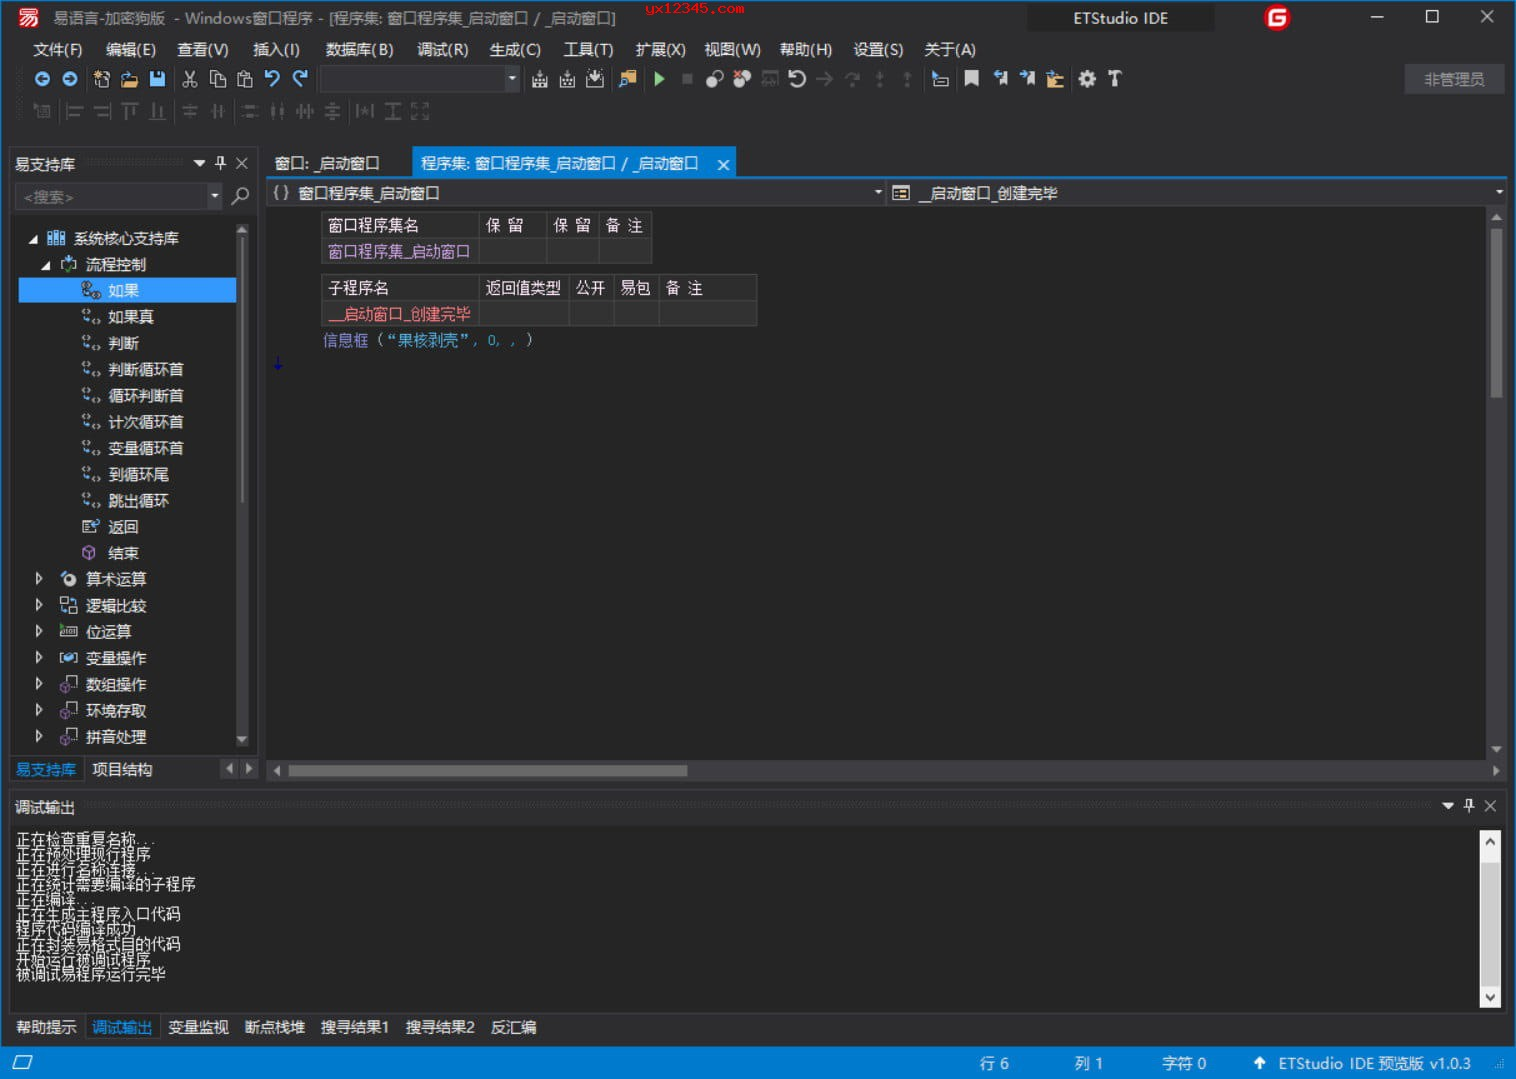 易语言绿色版_无限制增强版国产易语言编程工具